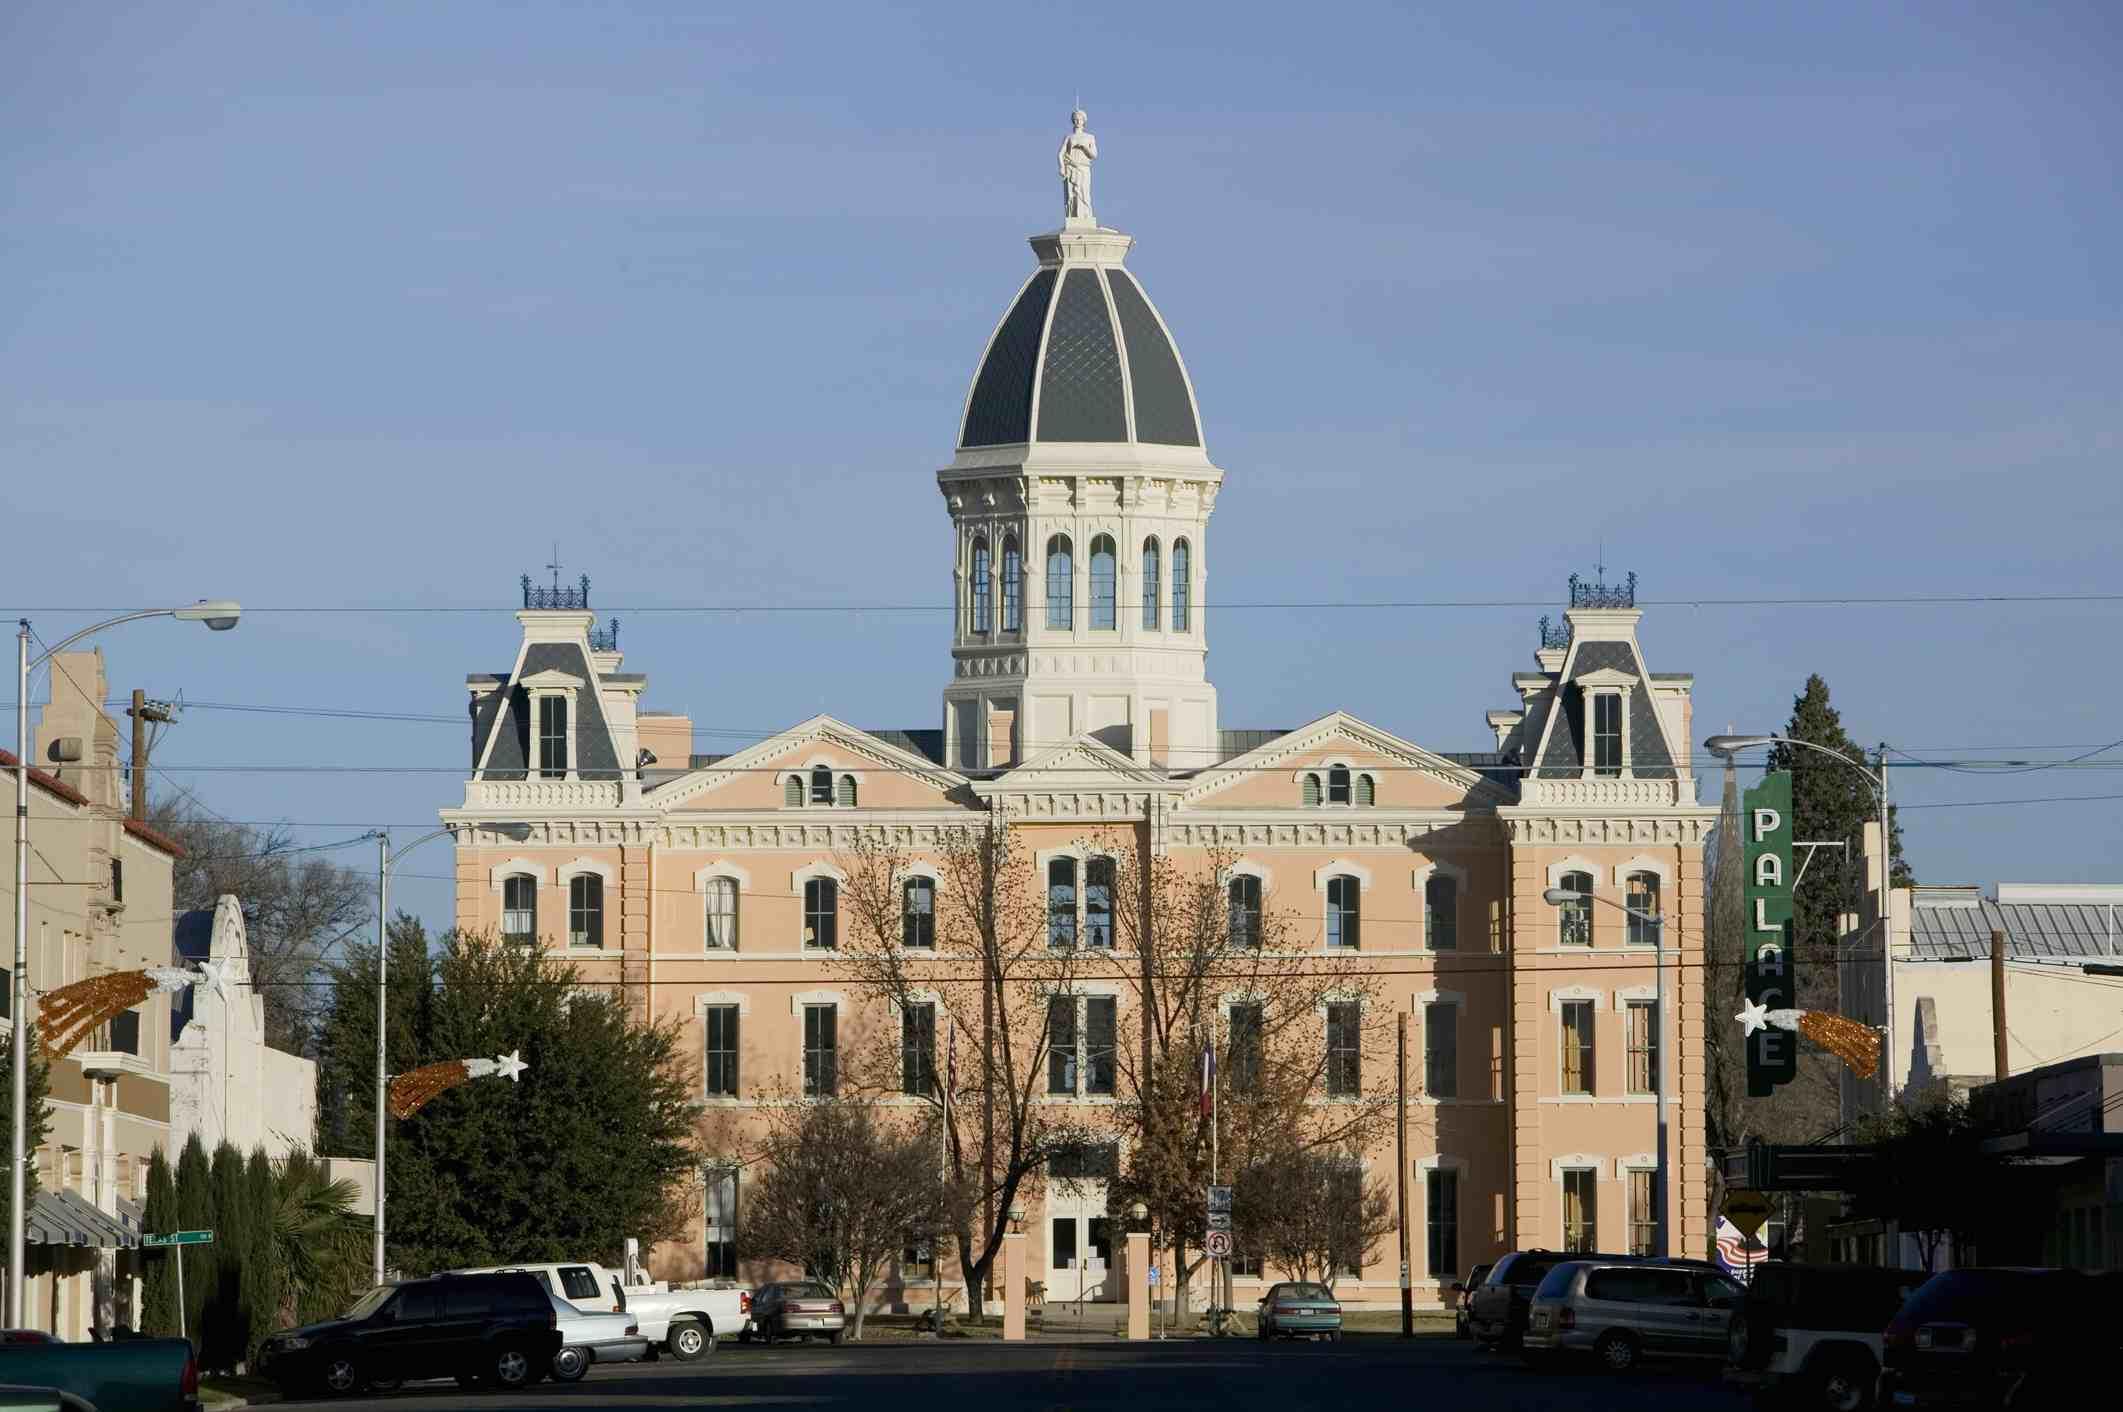 Facade of a courthouse, Presidio County Courthouse, Marfa, Texas, USA